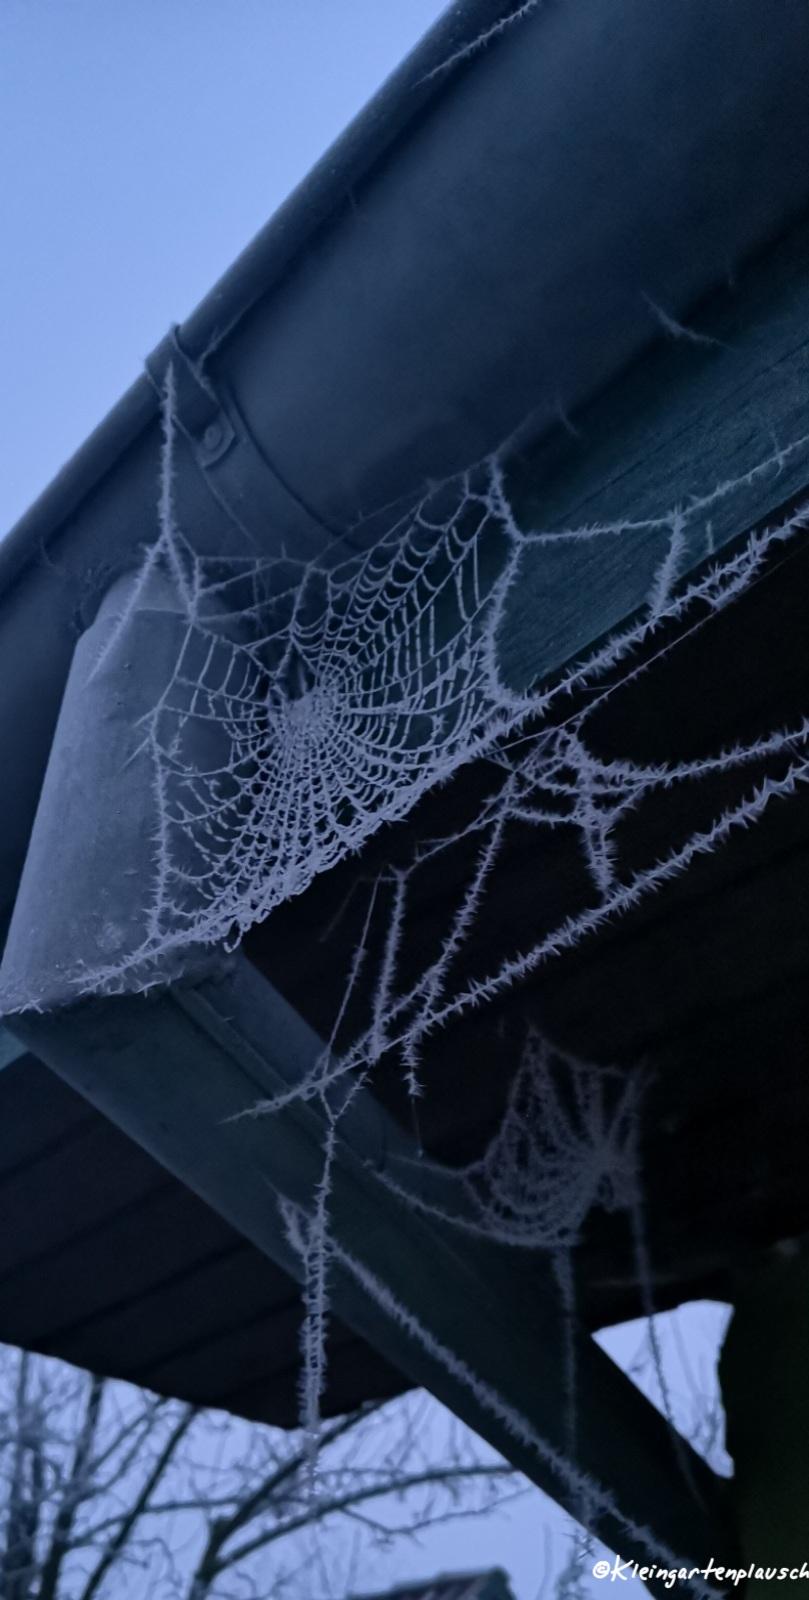 Der Frost zeigt bisher Unsichtbares...